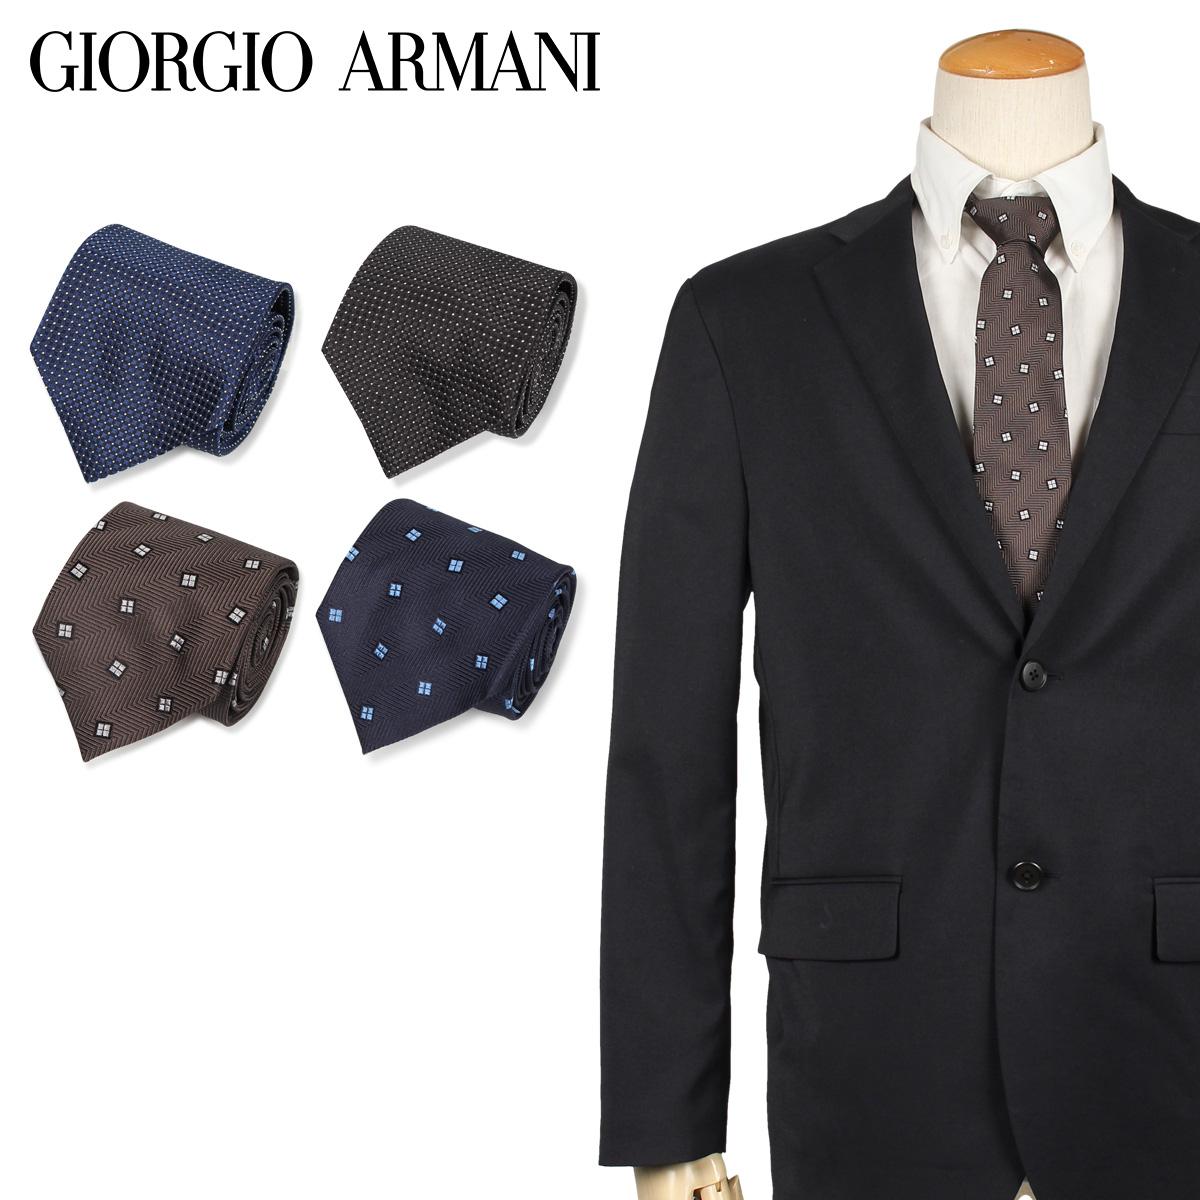 GIORGIO ARMANI ジョルジオ アルマーニ ネクタイ メンズ イタリア製 シルク ビジネス 結婚式 ブラック グレー ネイビー 黒 [10/11 新入荷]